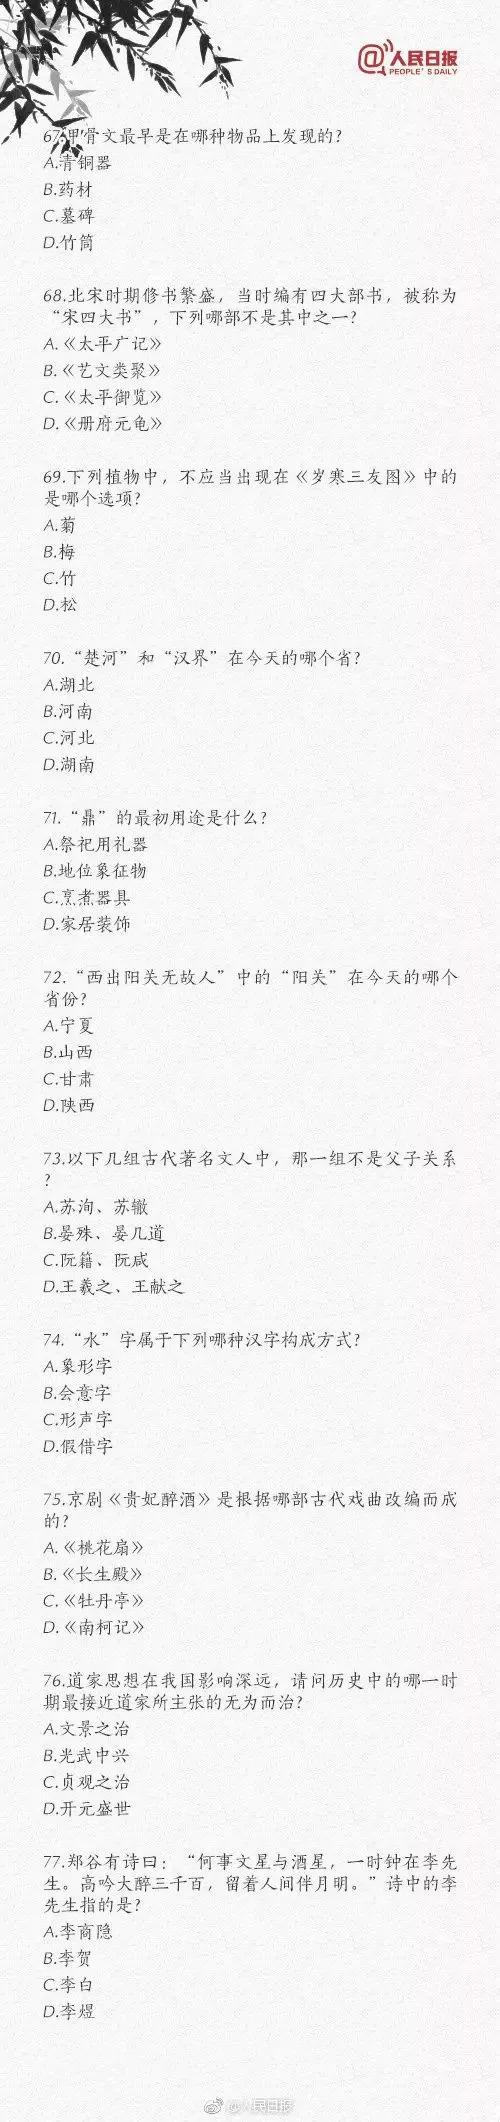 香港六马会开奖结果 7